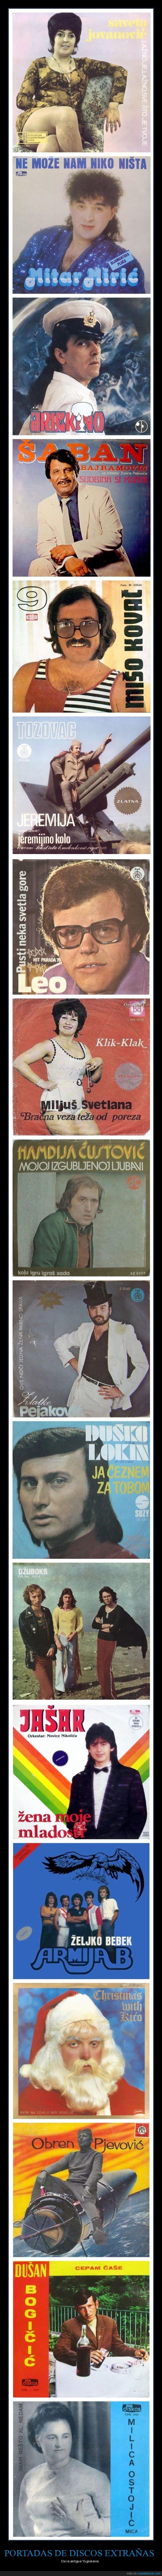 discos,portadas,retro,yugoslavia